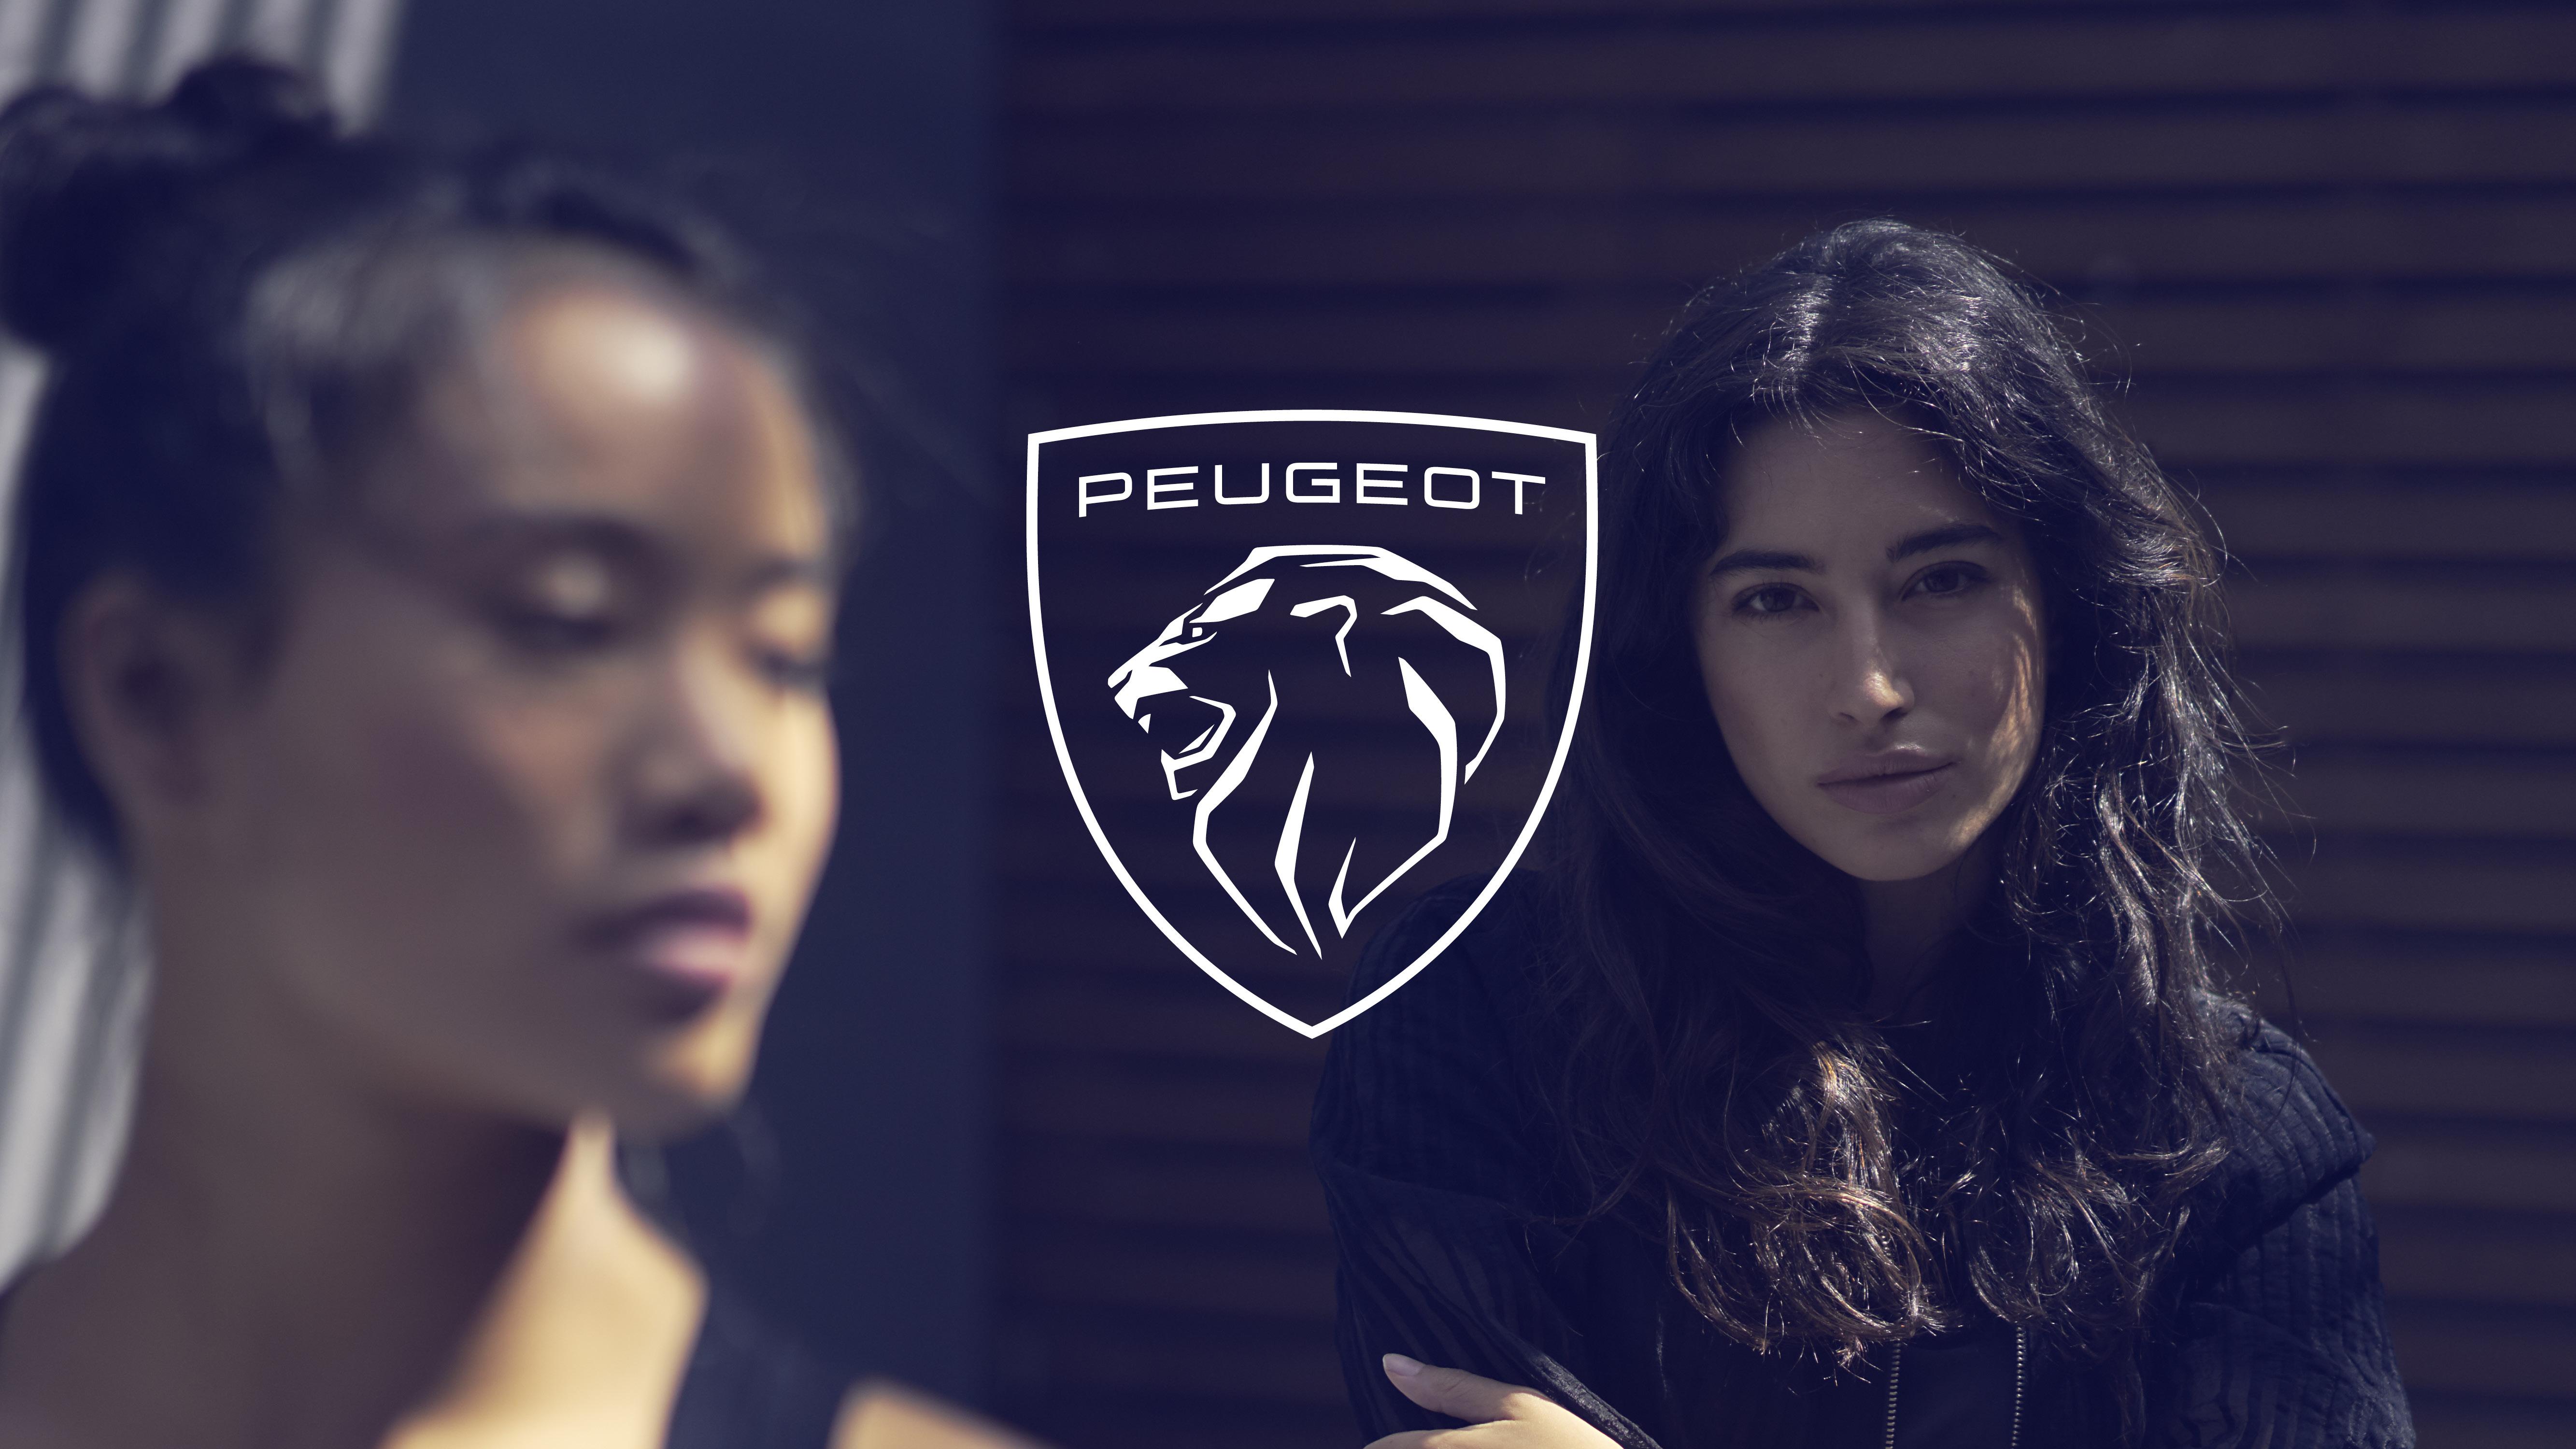 Η Peugeot άλλαξε σήμα αλλά το λιοντάρι παρέμεινε ακλόνητο